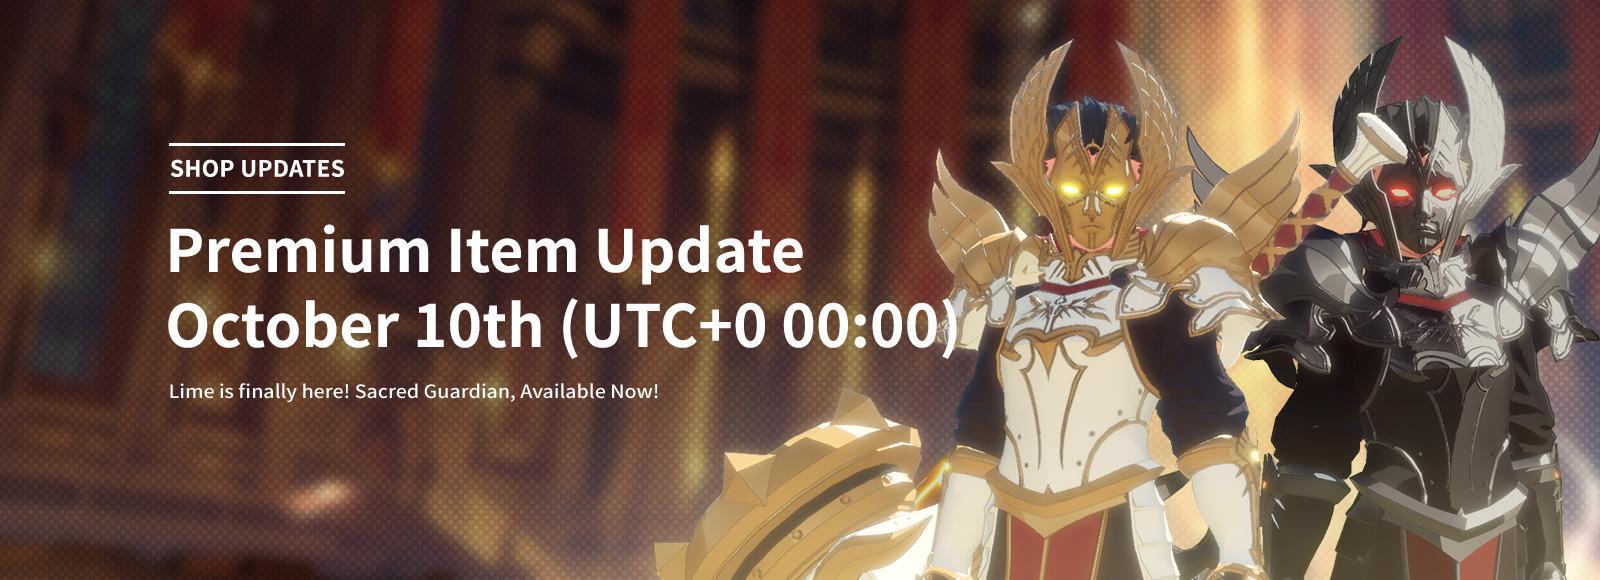 October 10th Premium Item Update